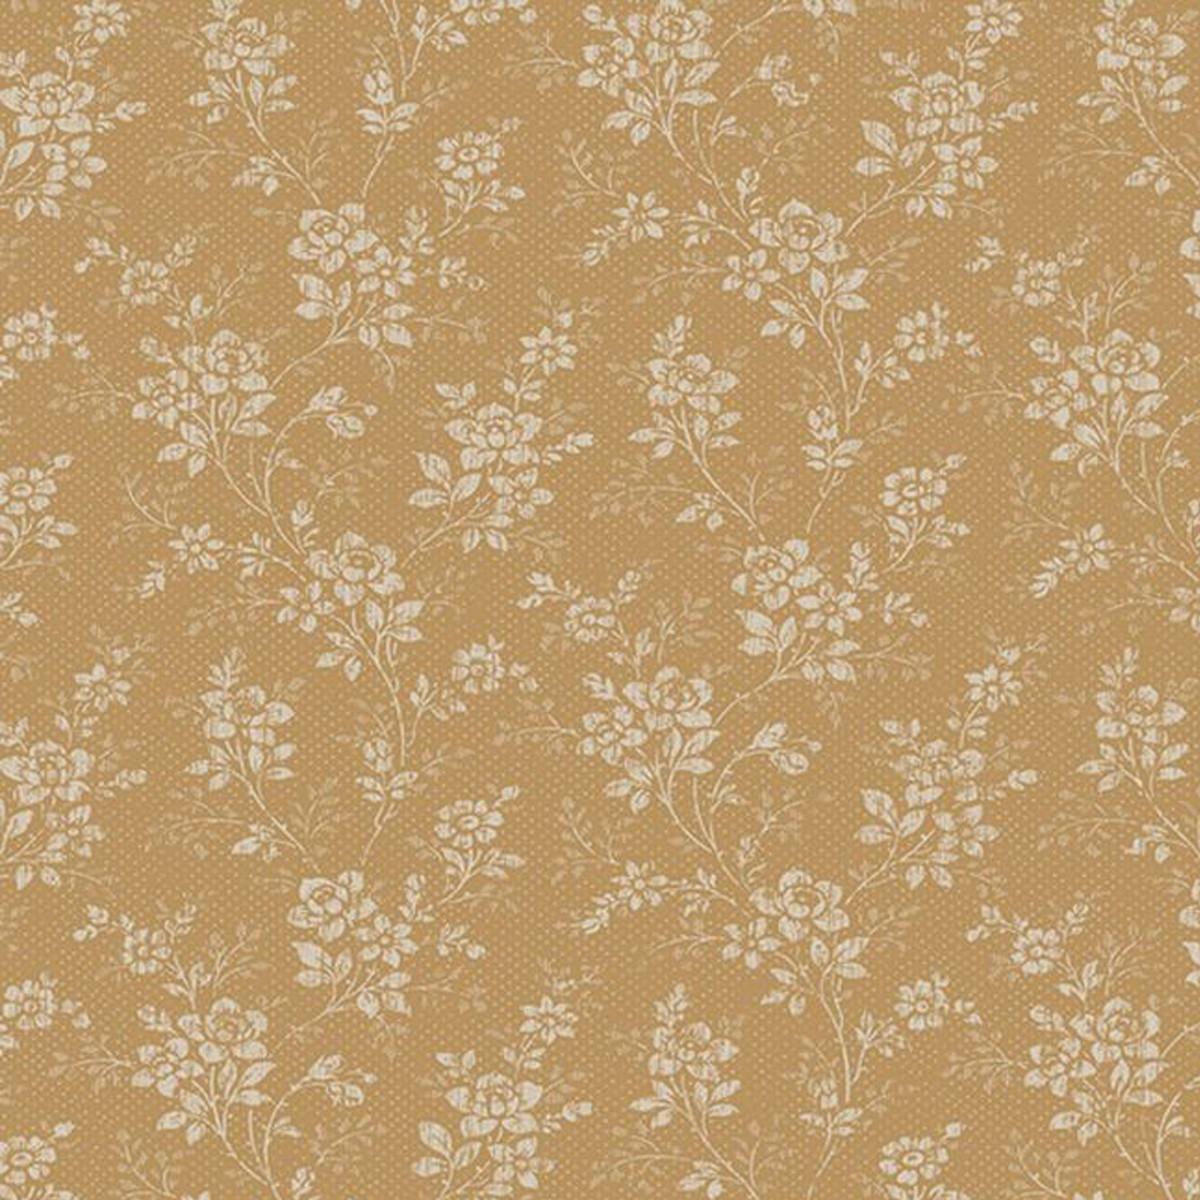 Borastapeter Hip Rose Wallpaper - 1178 (3 rolls from a batch)